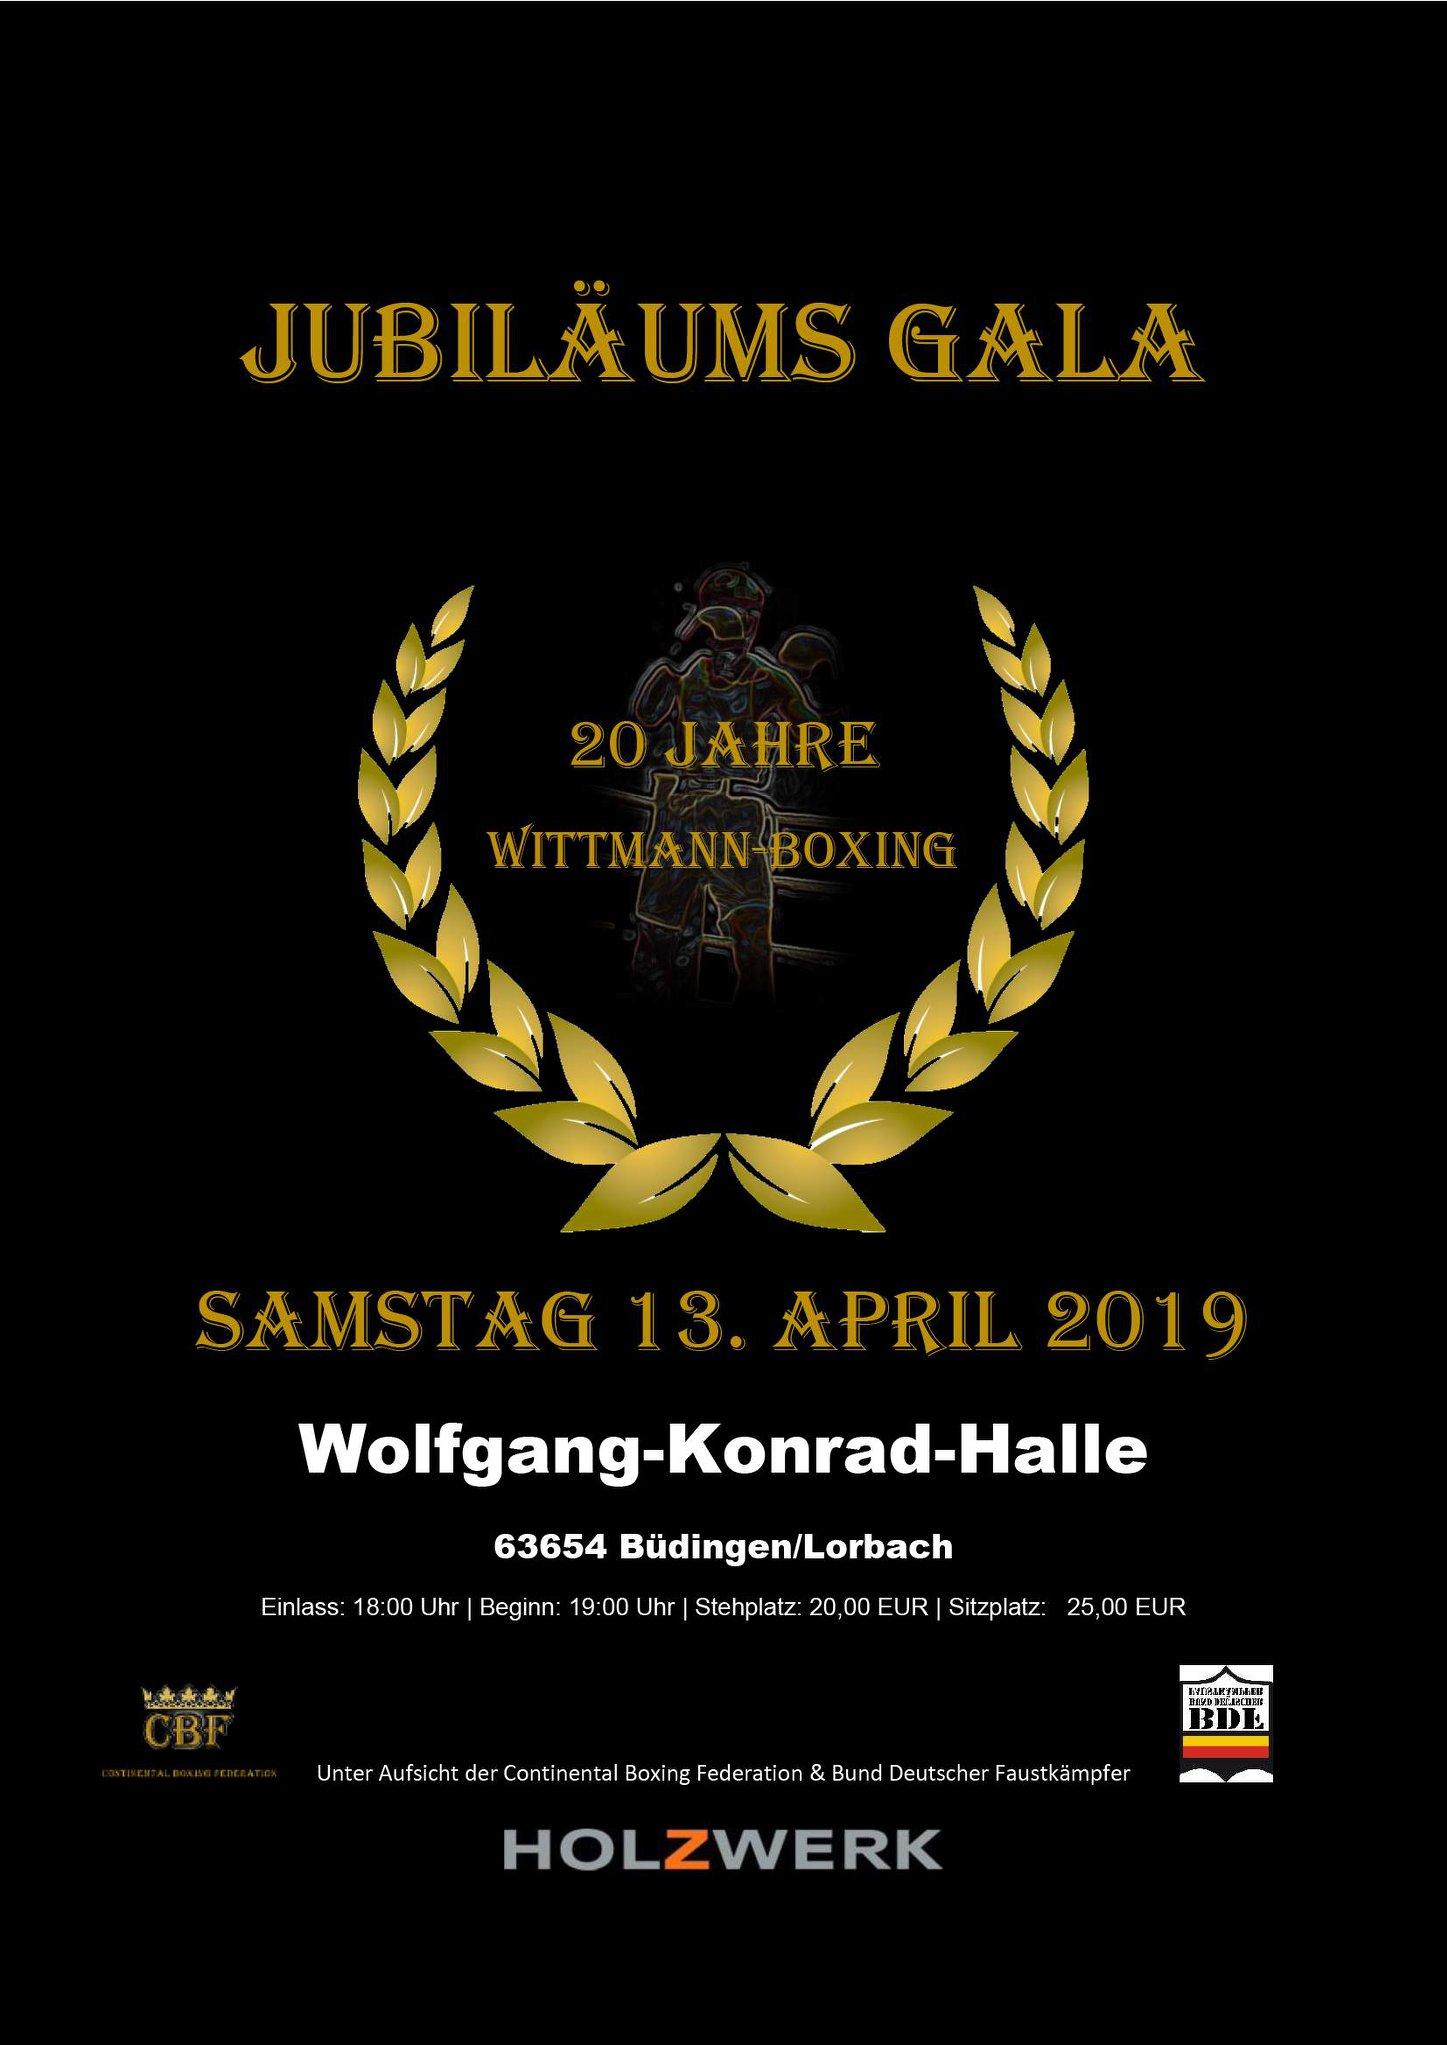 Jubläums Gala 20 Jahre Wittmann-Boxing am 13 April 2019